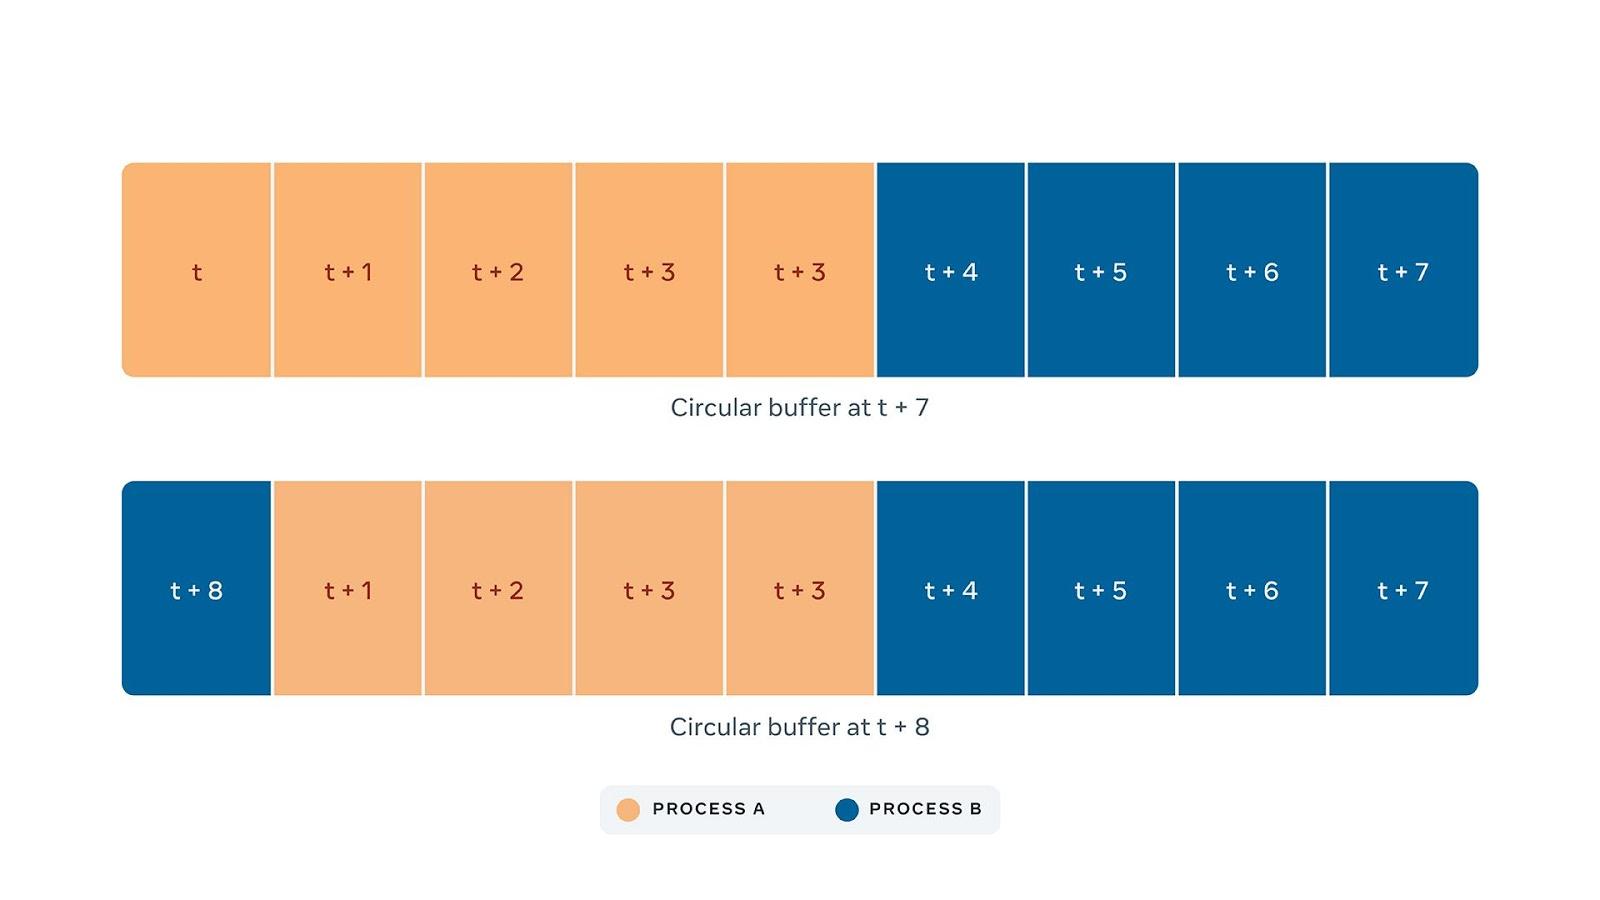 Когда несколько процессов (A и B) выполняются одновременно, данные трассировки хранятся в буфере. В t+8 данные процесса B начинают перезаписывать самые старые данные (данные процесса A) в буфере.